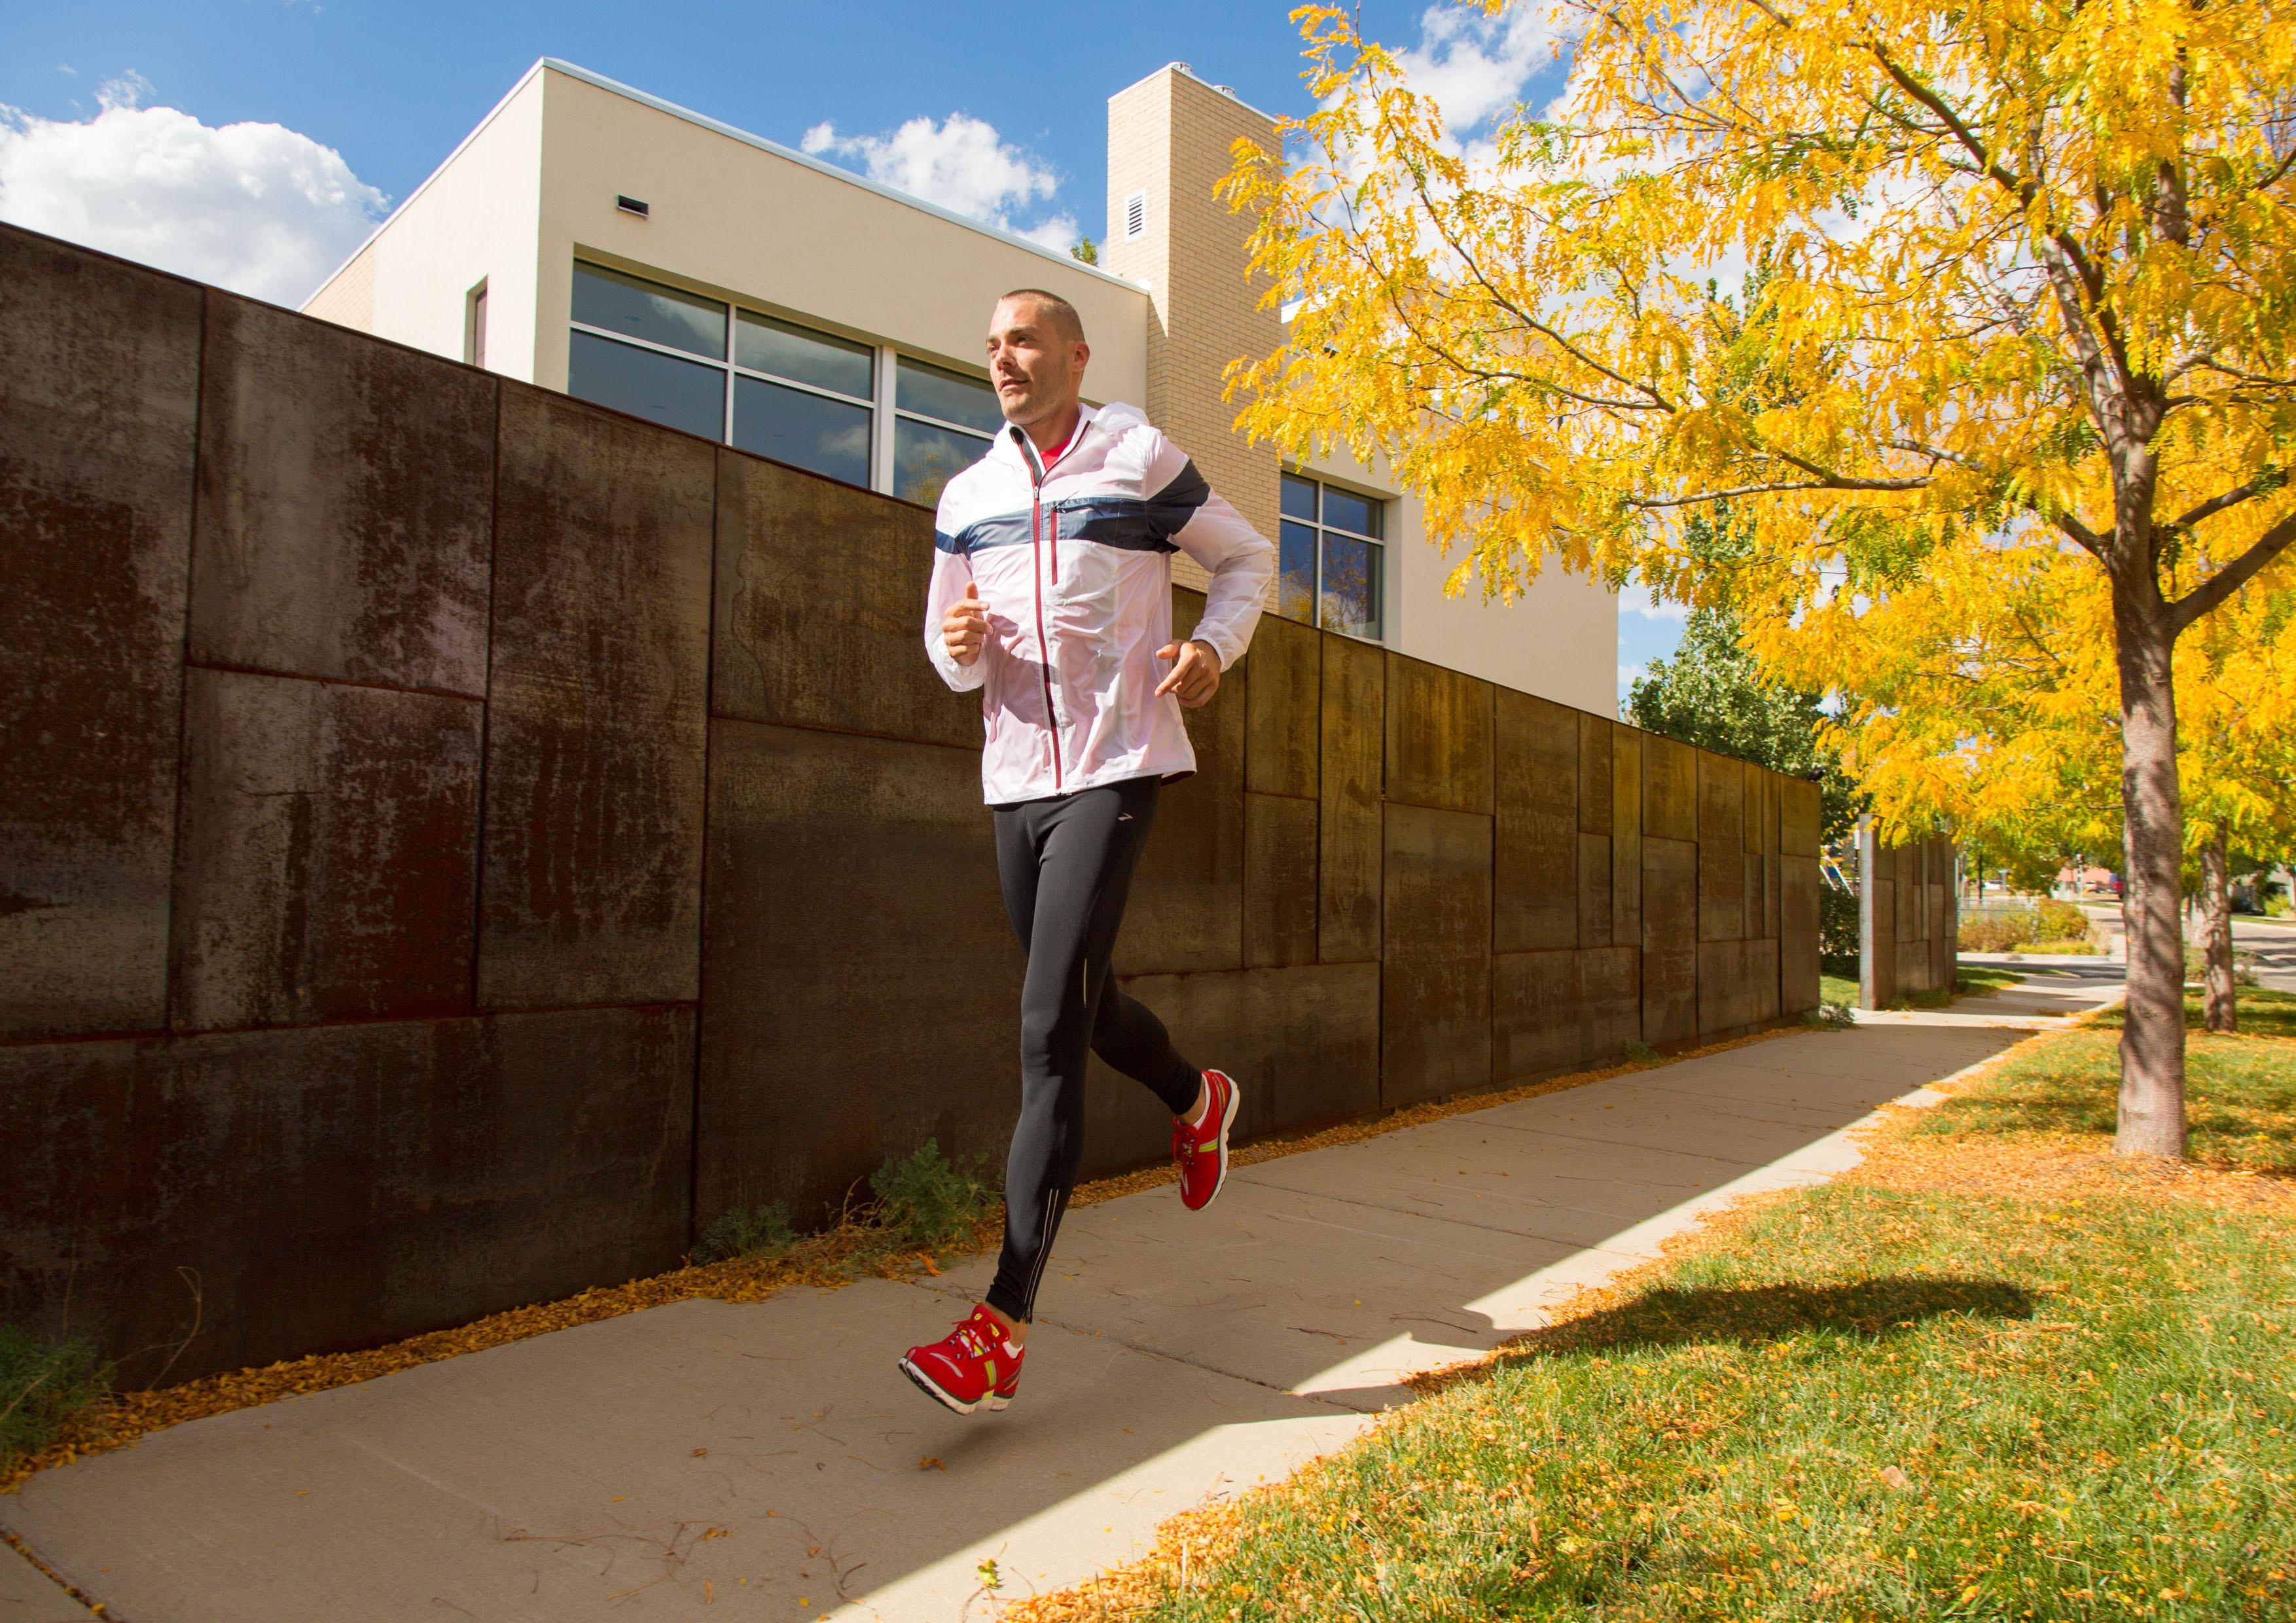 Marathontipps Teil 1 - Der Einstieg ins Marathontraining